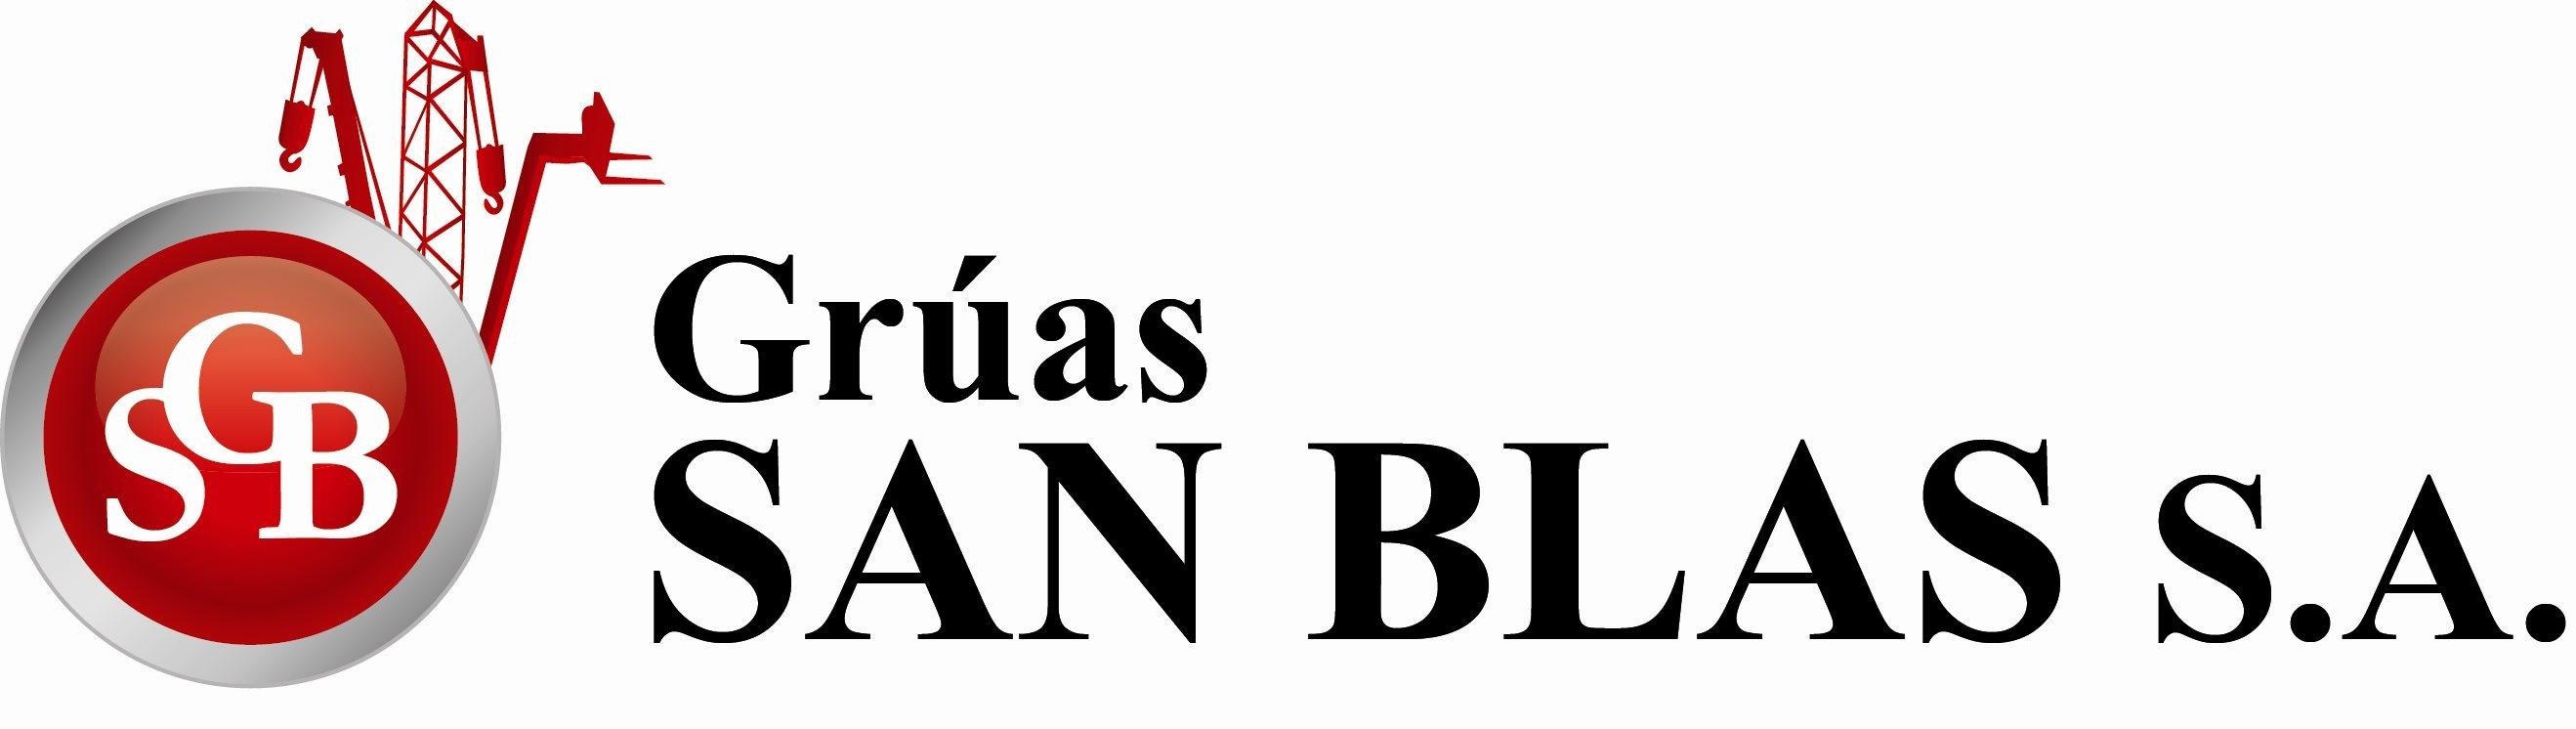 Gruas San Blas S.A